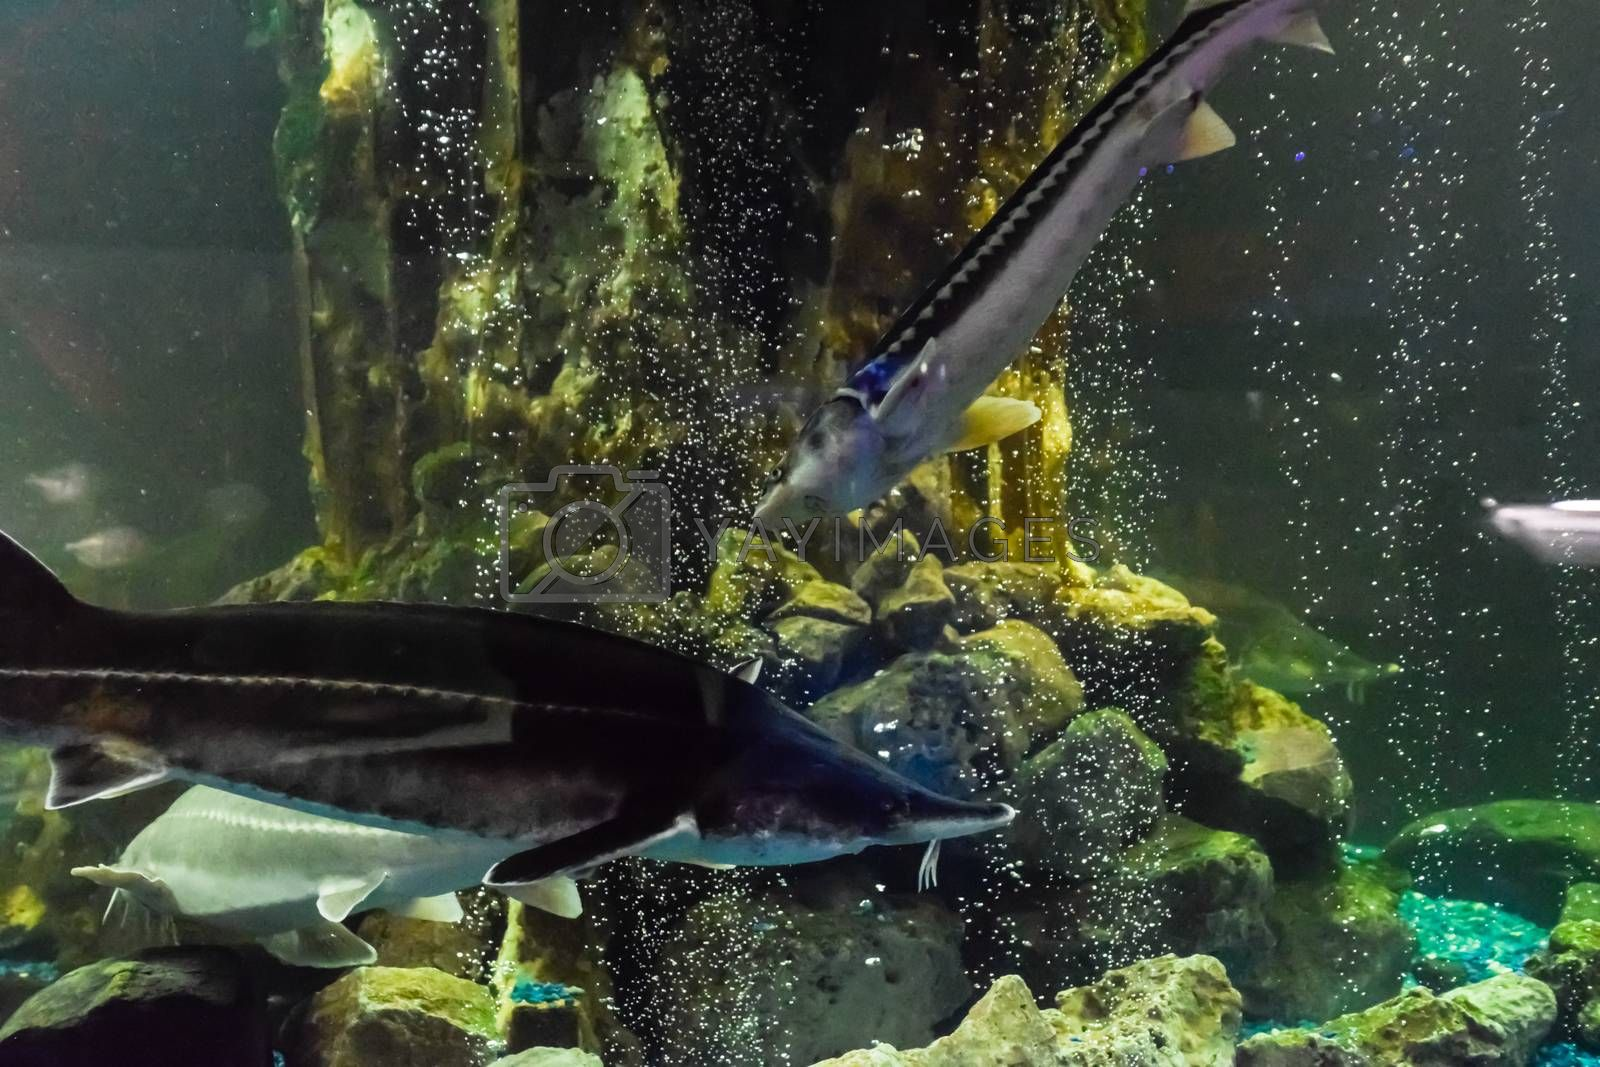 Fish sturgeon swims in the aquarium of the oceanarium. Sturgeon fish